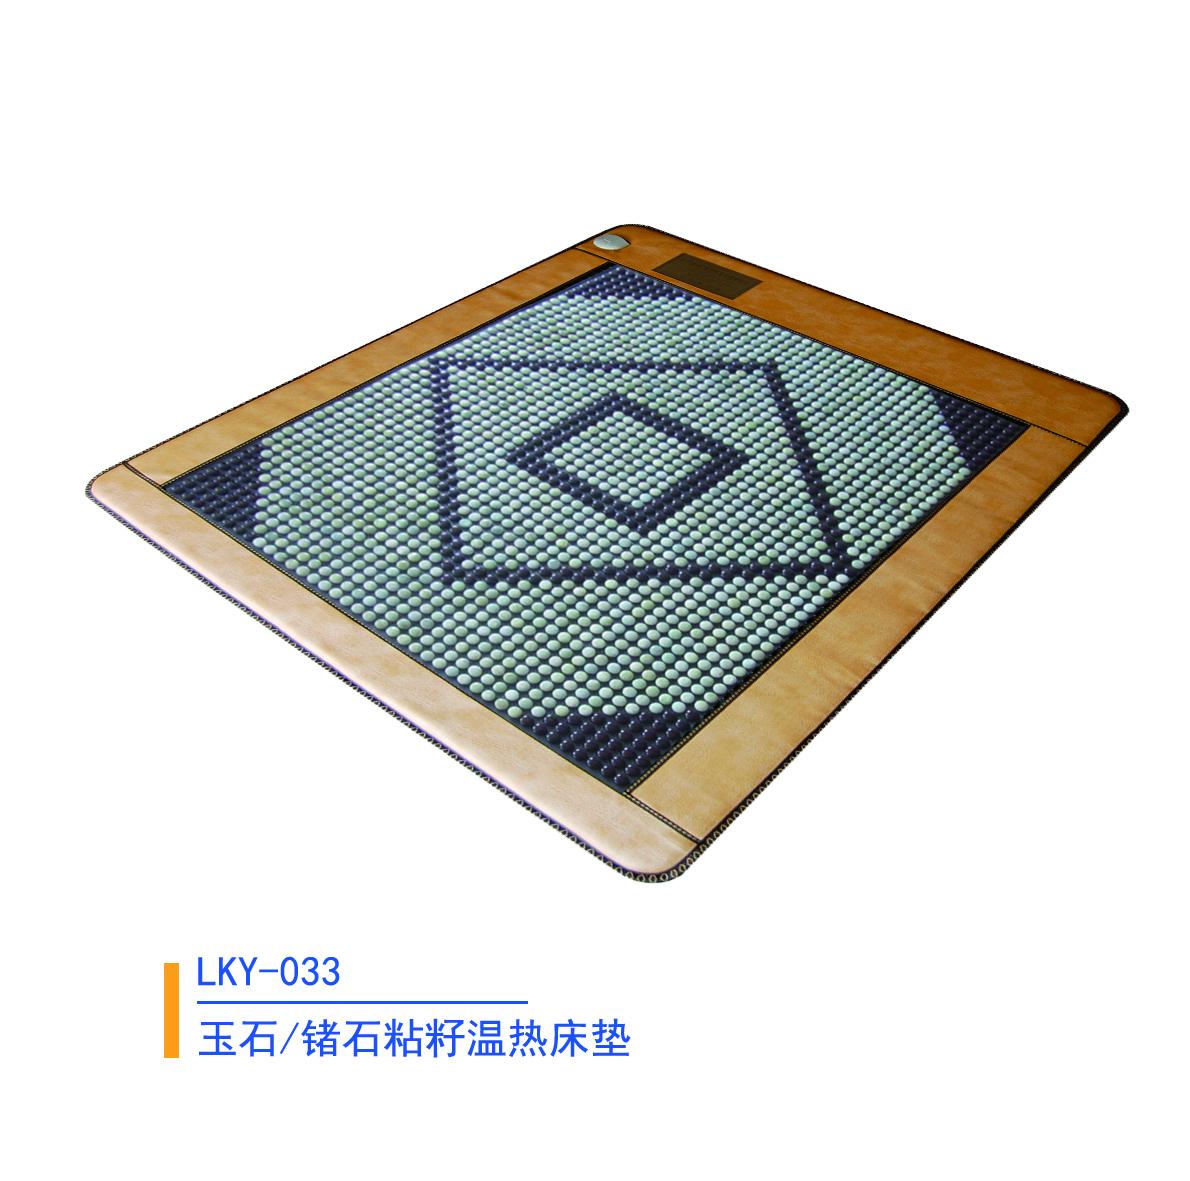 玉石锗石粘籽温热床垫033